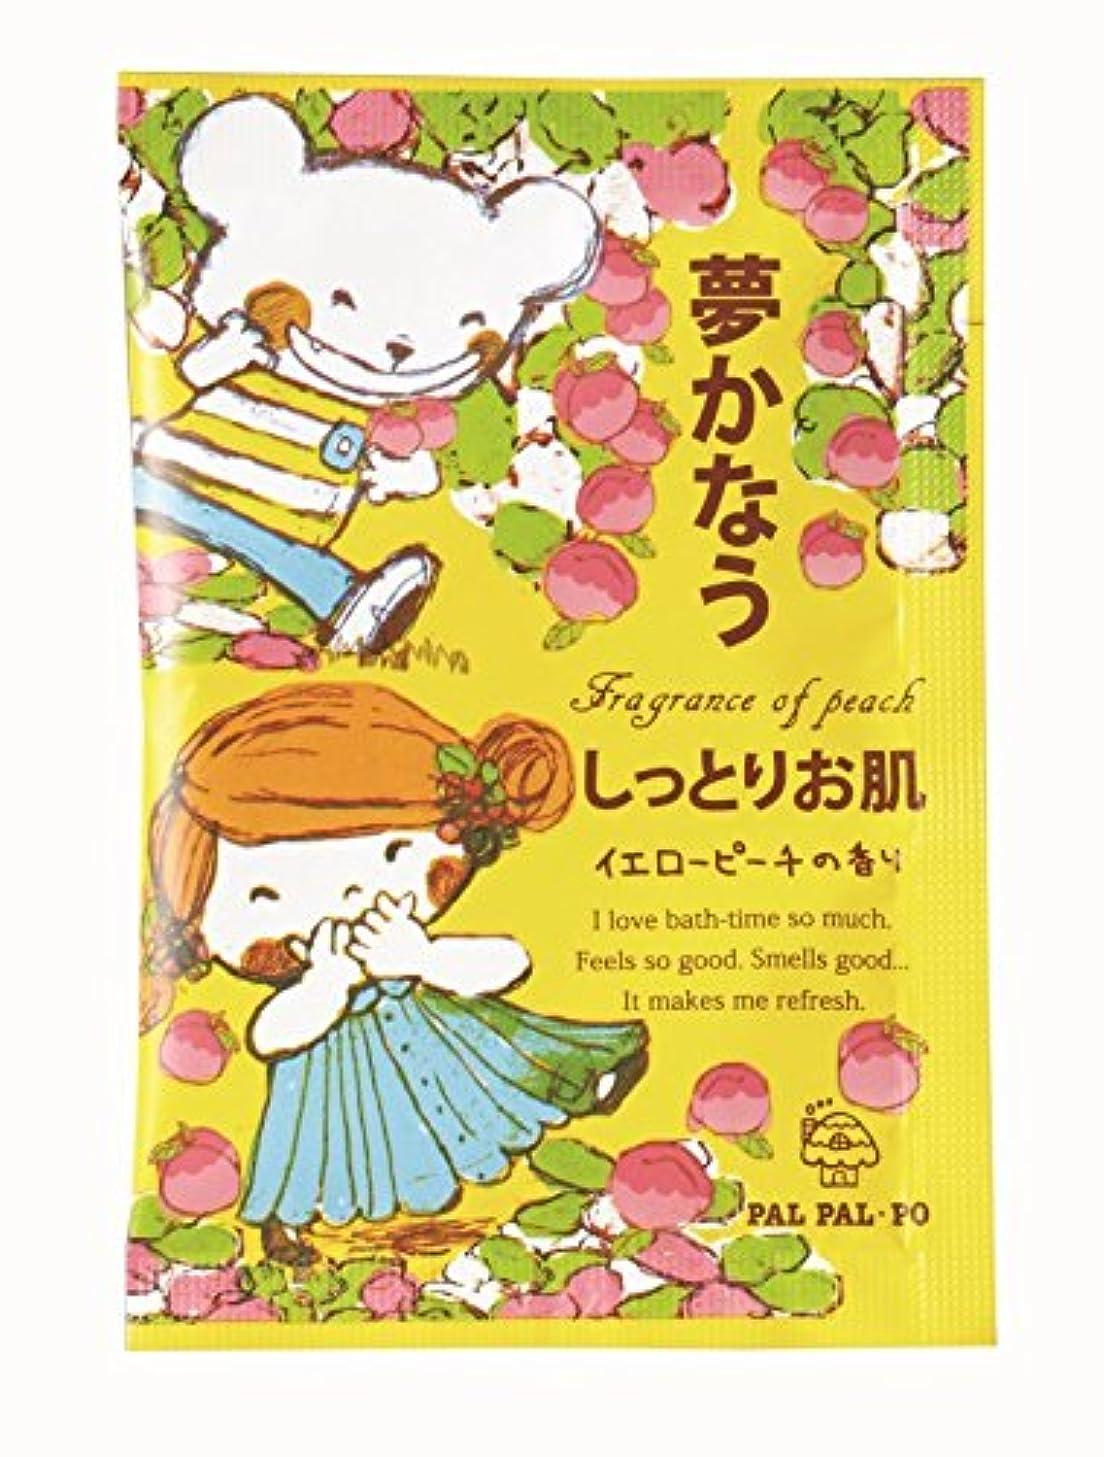 入浴剤 パルパルポ-(しっとりお肌 イエロ-ピ-チの香り)20g ケース 800個入り